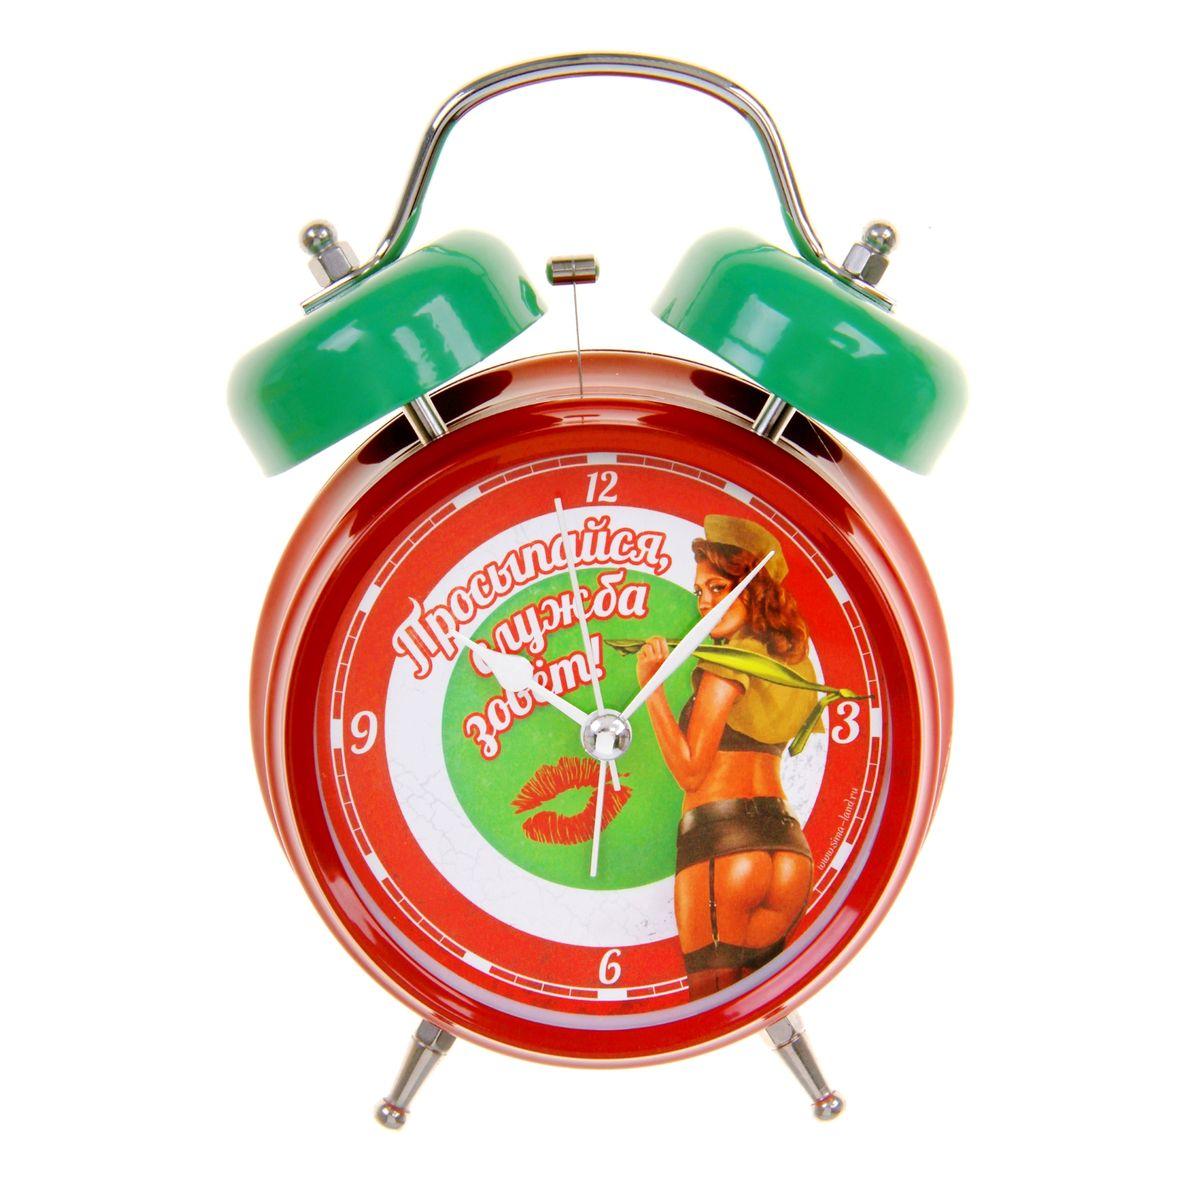 Часы-будильник Sima-land Служба зоветMRC 4141 P schwarzКак же сложно иногда вставать вовремя! Всегда так хочется поспать еще хотя бы 5 минут и бывает, что мы просыпаем. Теперь этого не случится! Яркий, оригинальный будильник Sima-land Служба зовет поможет вам всегда вставать в нужное время и успевать везде и всюду.Корпус будильника выполнен из металла. Циферблат оформлен изображением девушки и надписью: Просыпайся, служба зовет!, имеет индикацию арабскими цифрами с отметками. Часы снабжены 4 стрелками (секундная, минутная, часовая и для будильника). На задней панели будильника расположен переключатель включения/выключения механизма, а также два колесика для настройки текущего времени и времени звонка будильника.Пользоваться будильником очень легко: нужно всего лишь поставить батарейки, настроить точное время и установить время звонка. Необходимо докупить 2 батарейки типа АА напряжением 1,5 V (не входят в комплект).